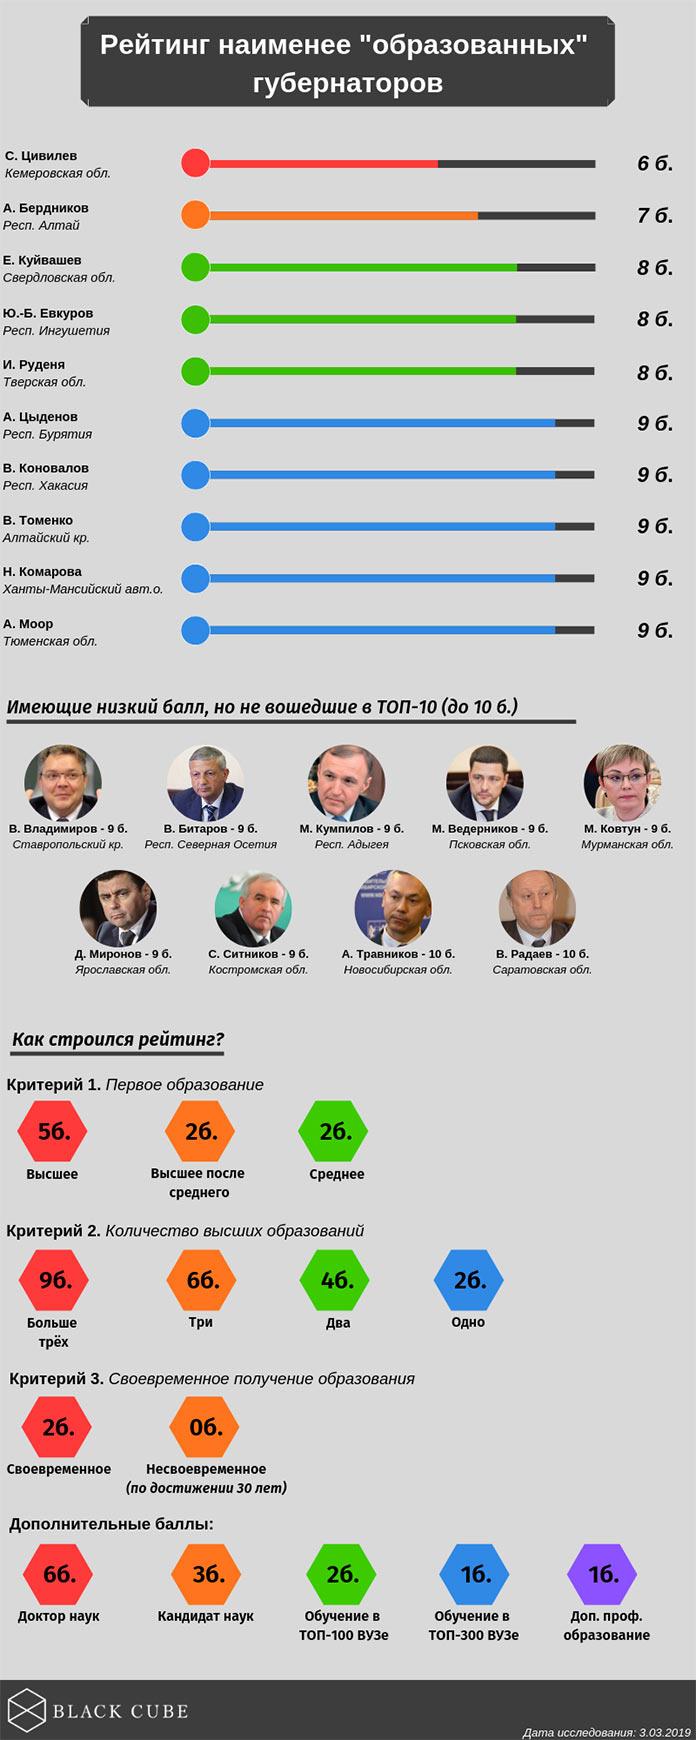 Цивилев возглавил рейтинг самых «необразованных» губернаторов